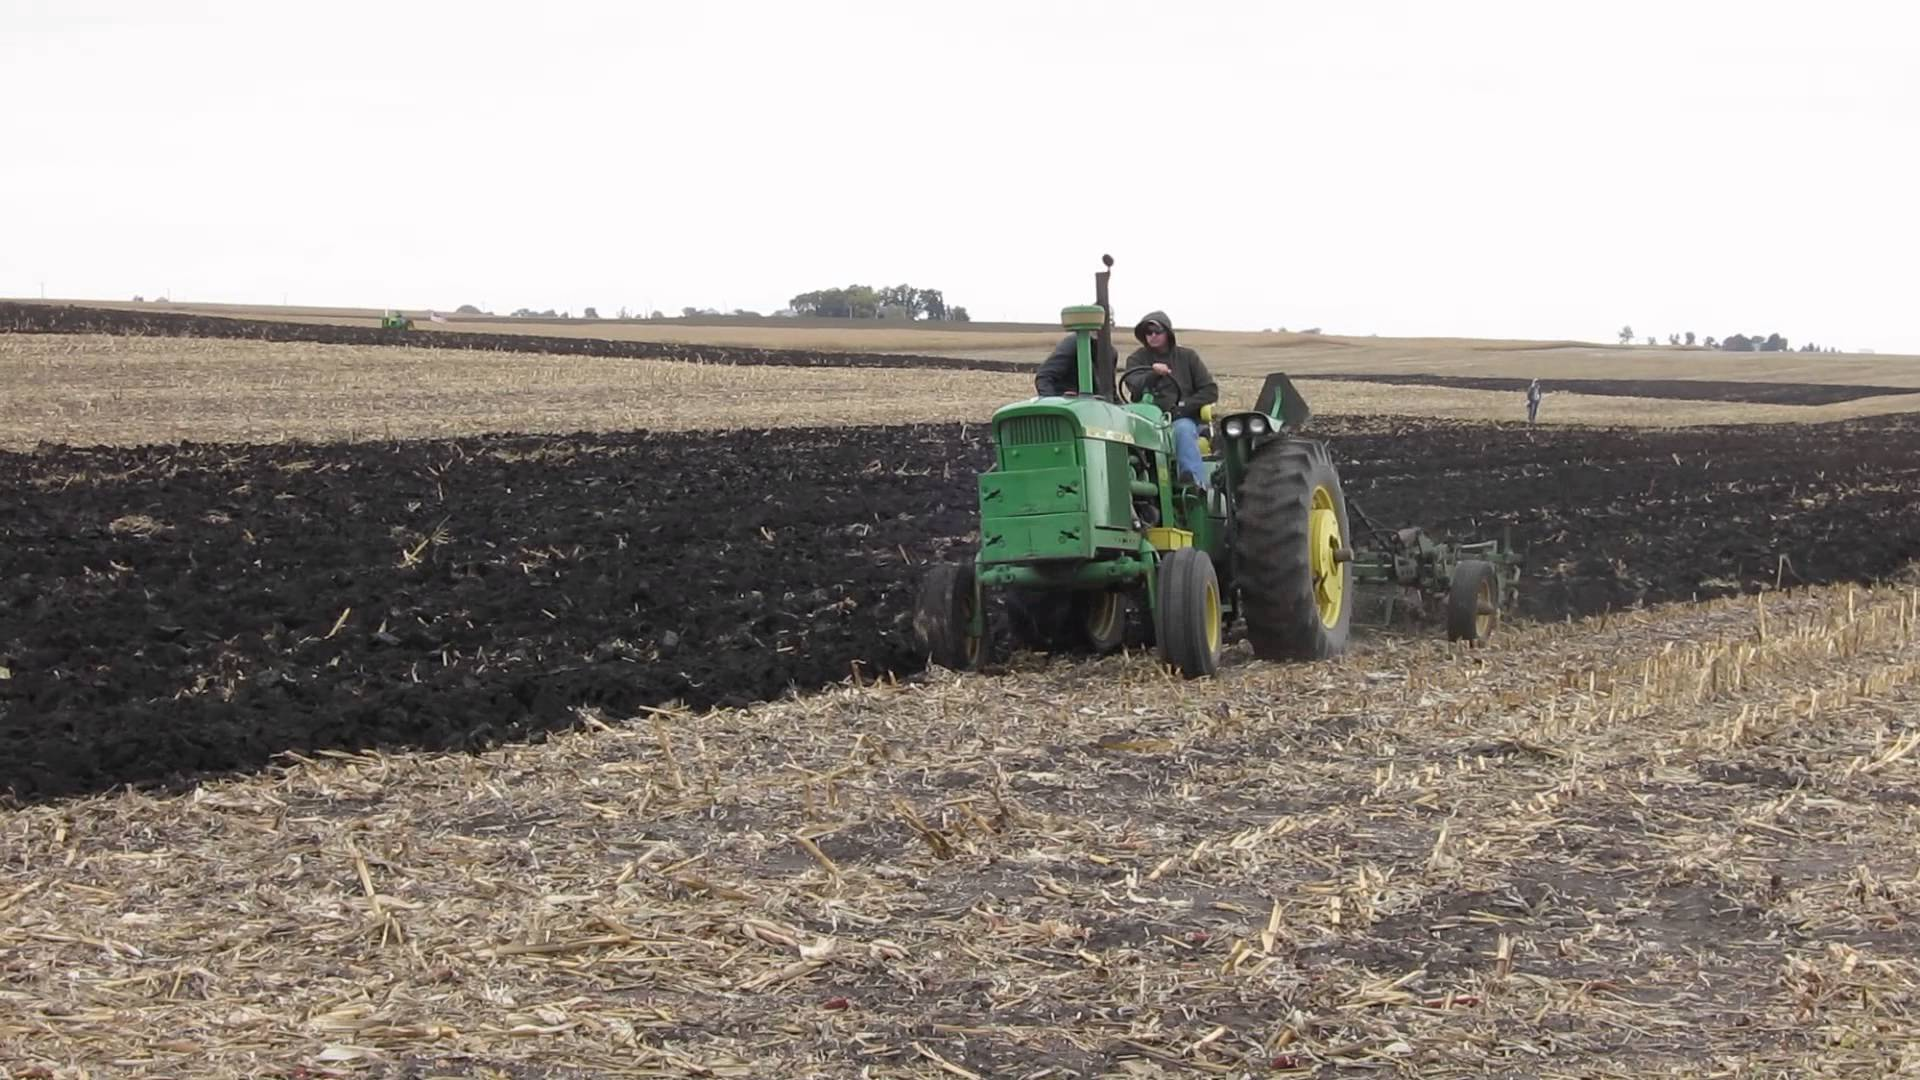 John Deere 100 Series >> John Deere 4020 Vintage Tractor Parts Specs Price Features